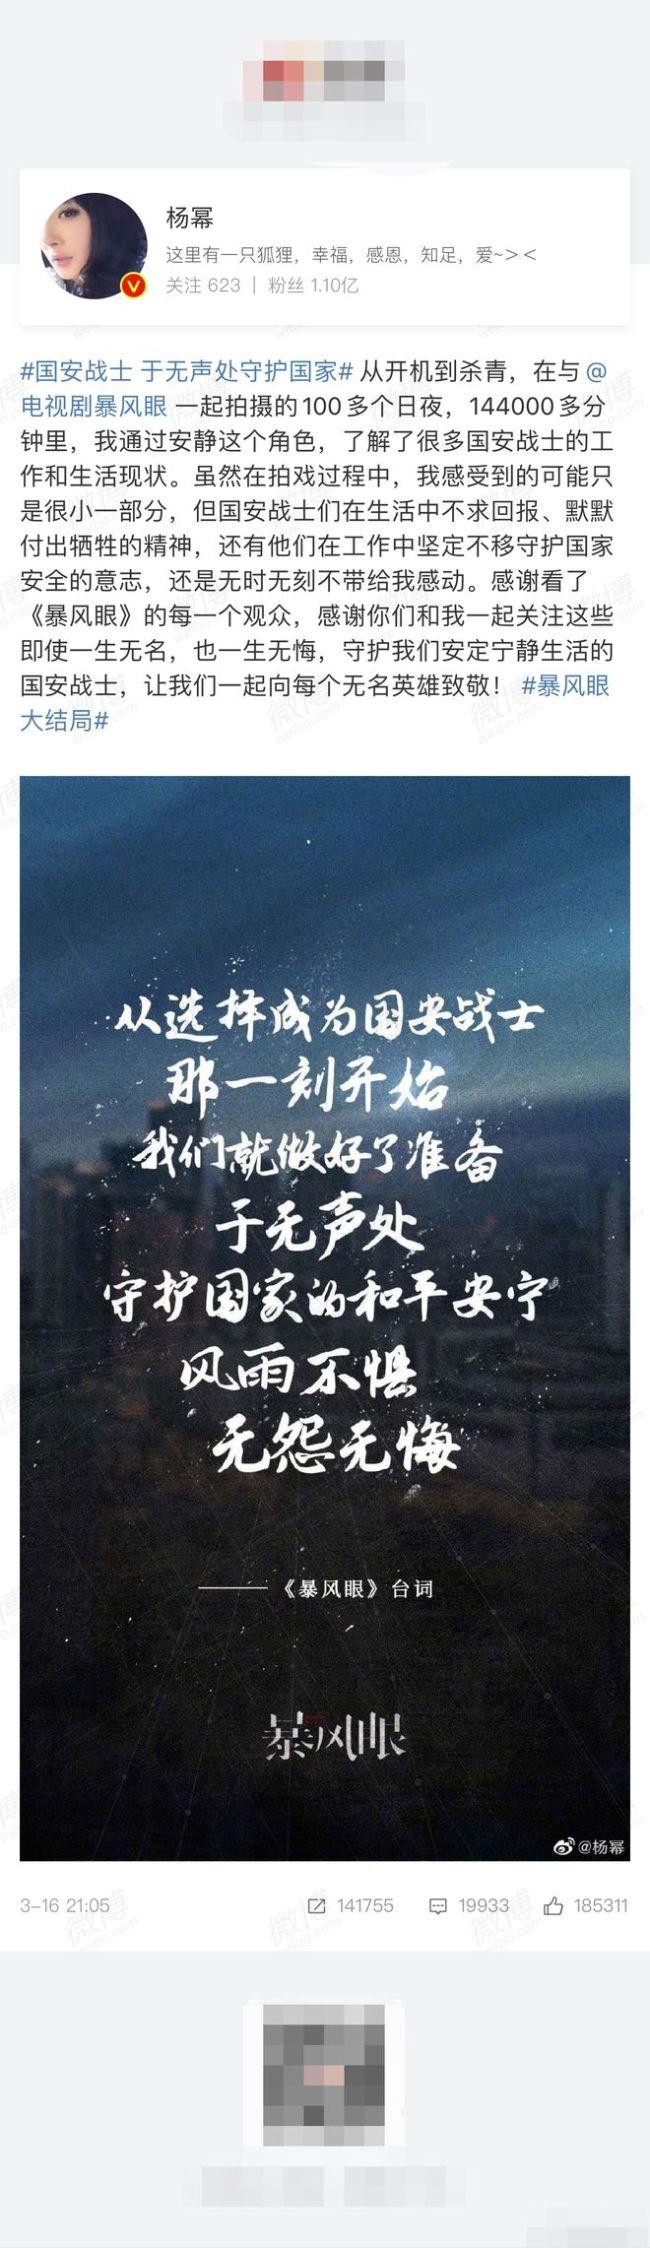 杨幂发长文告别《暴风眼》:即使一生无名 也无悔